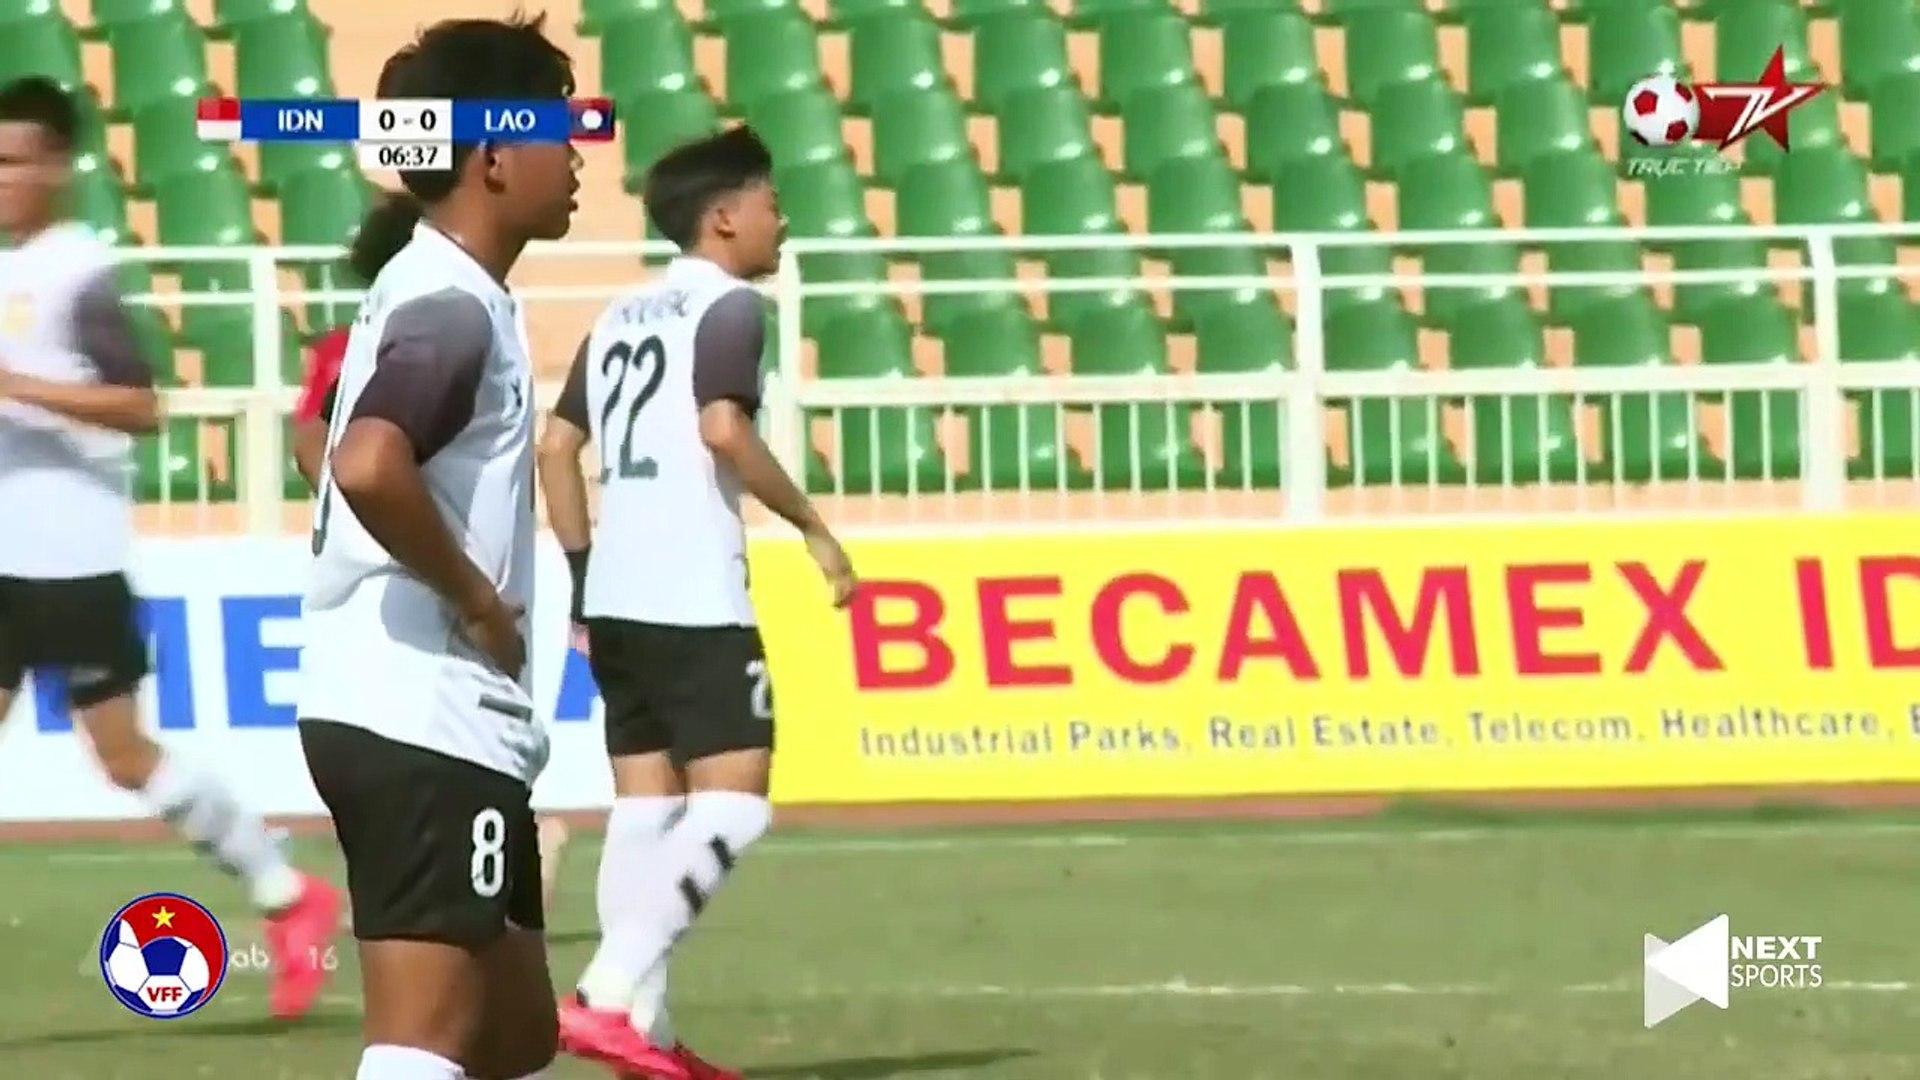 Lội ngược dòng ấn tượng, U18 Indonesia bảo toàn ngôi đầu | VFF Channel